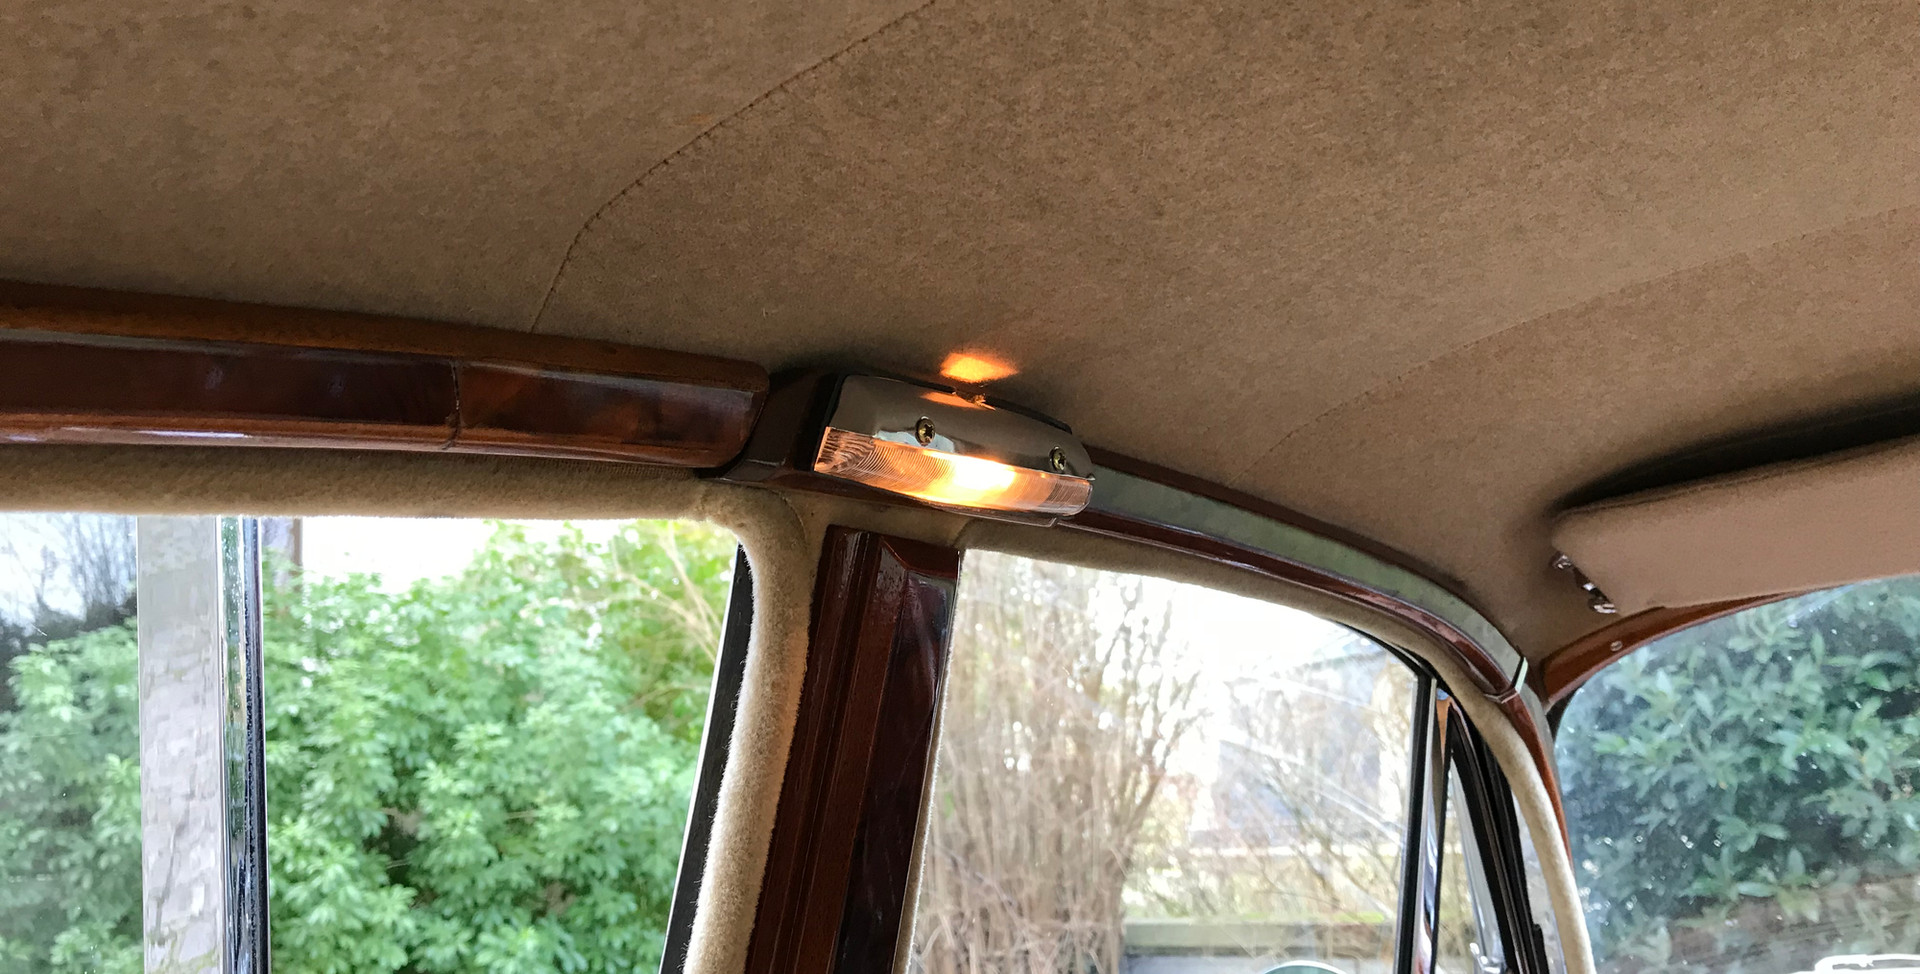 1965 Jaguar MK2 3.4L